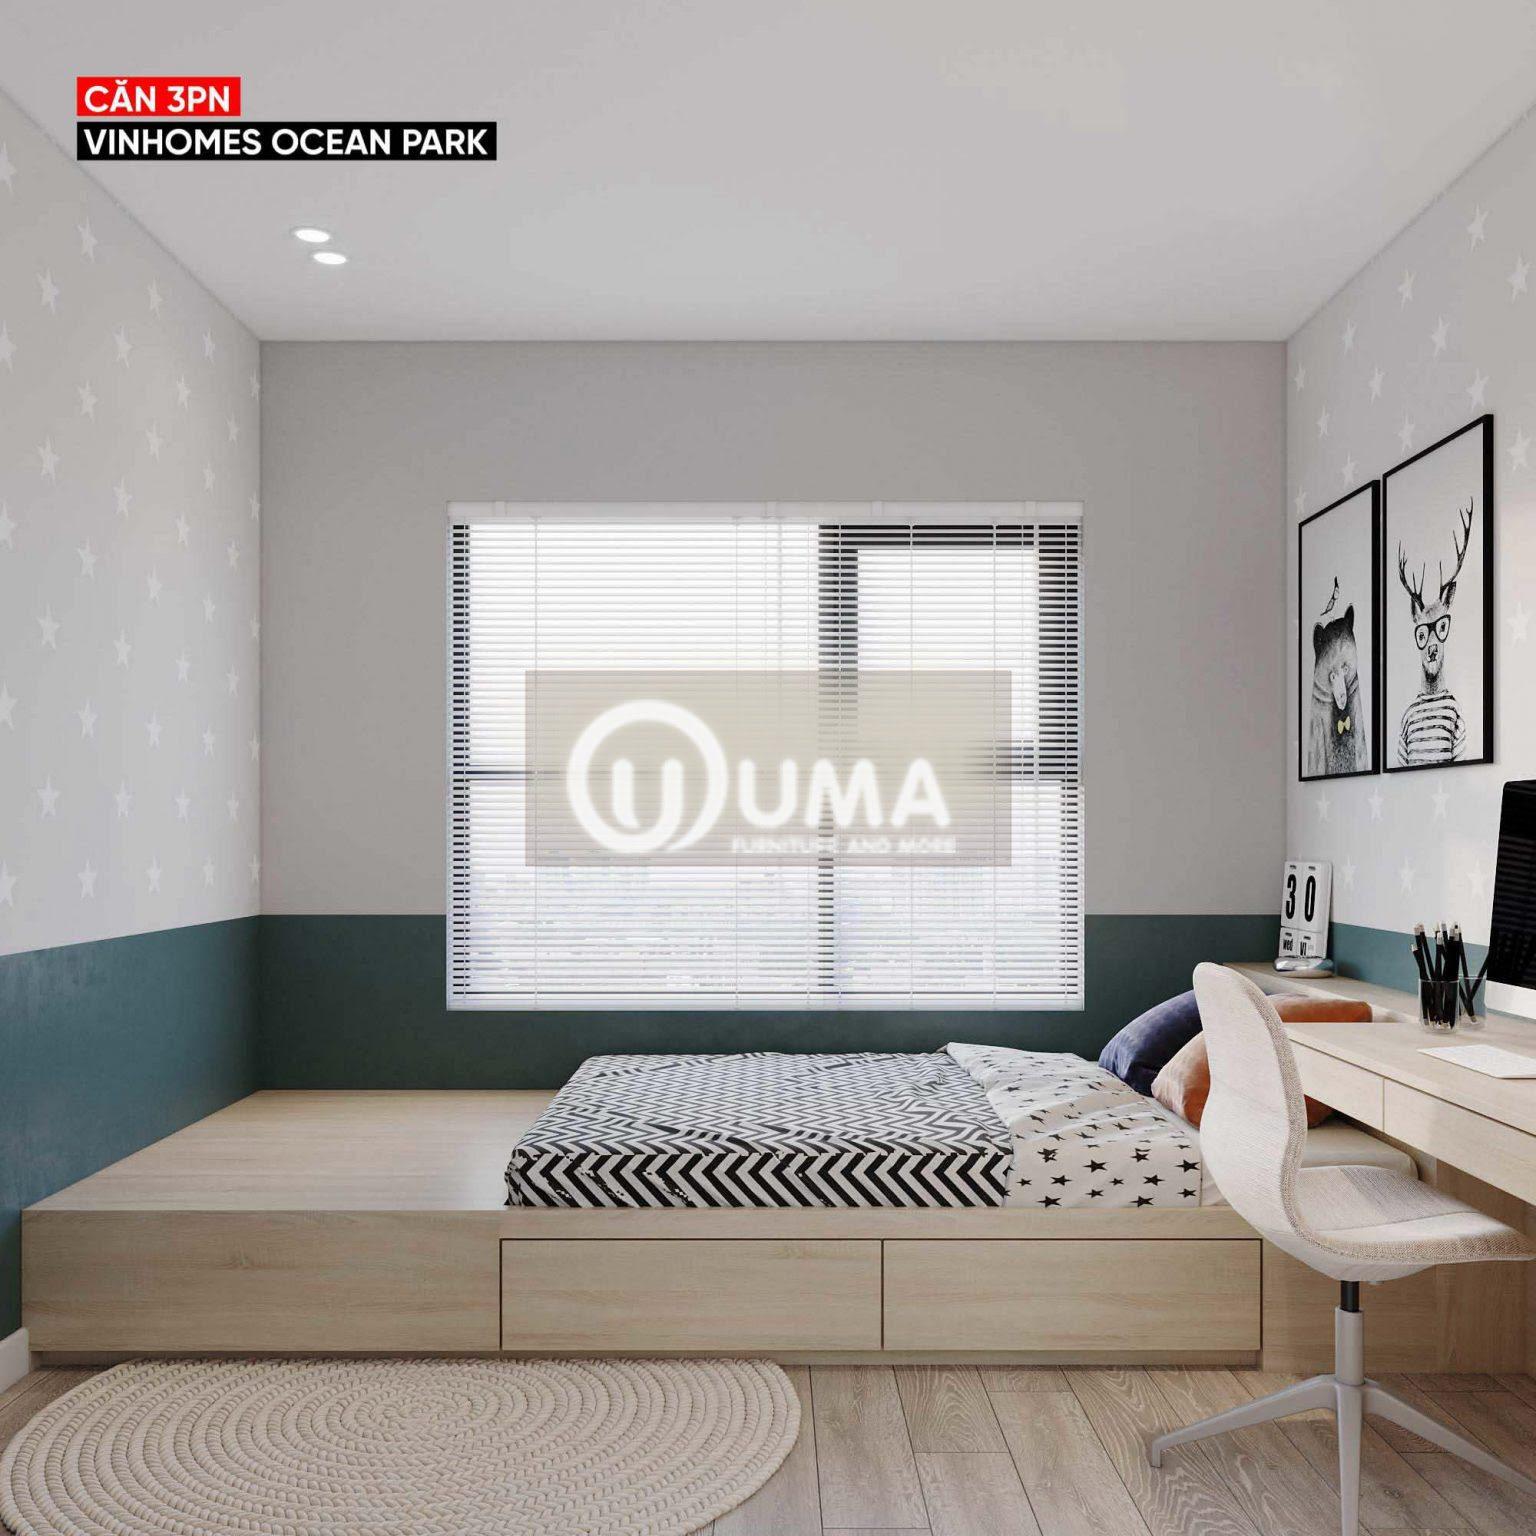 Sử dụng giường hộp đặt bên khung cửa sổ hưởng trọn ánh sáng tự nhiên chiếu vào.